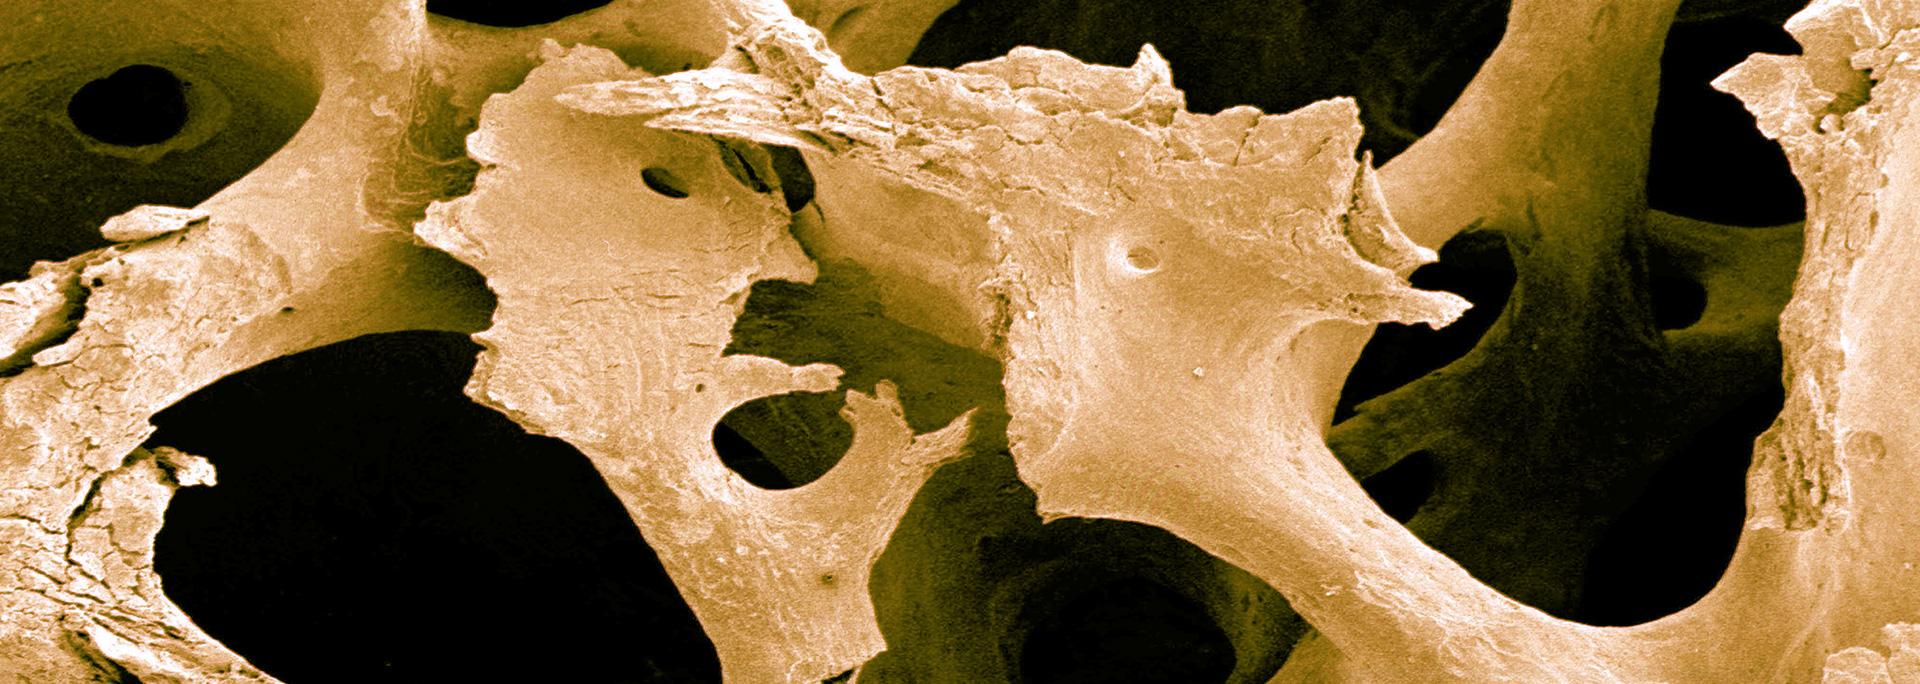 10 Minuten täglich gegen Osteoporose